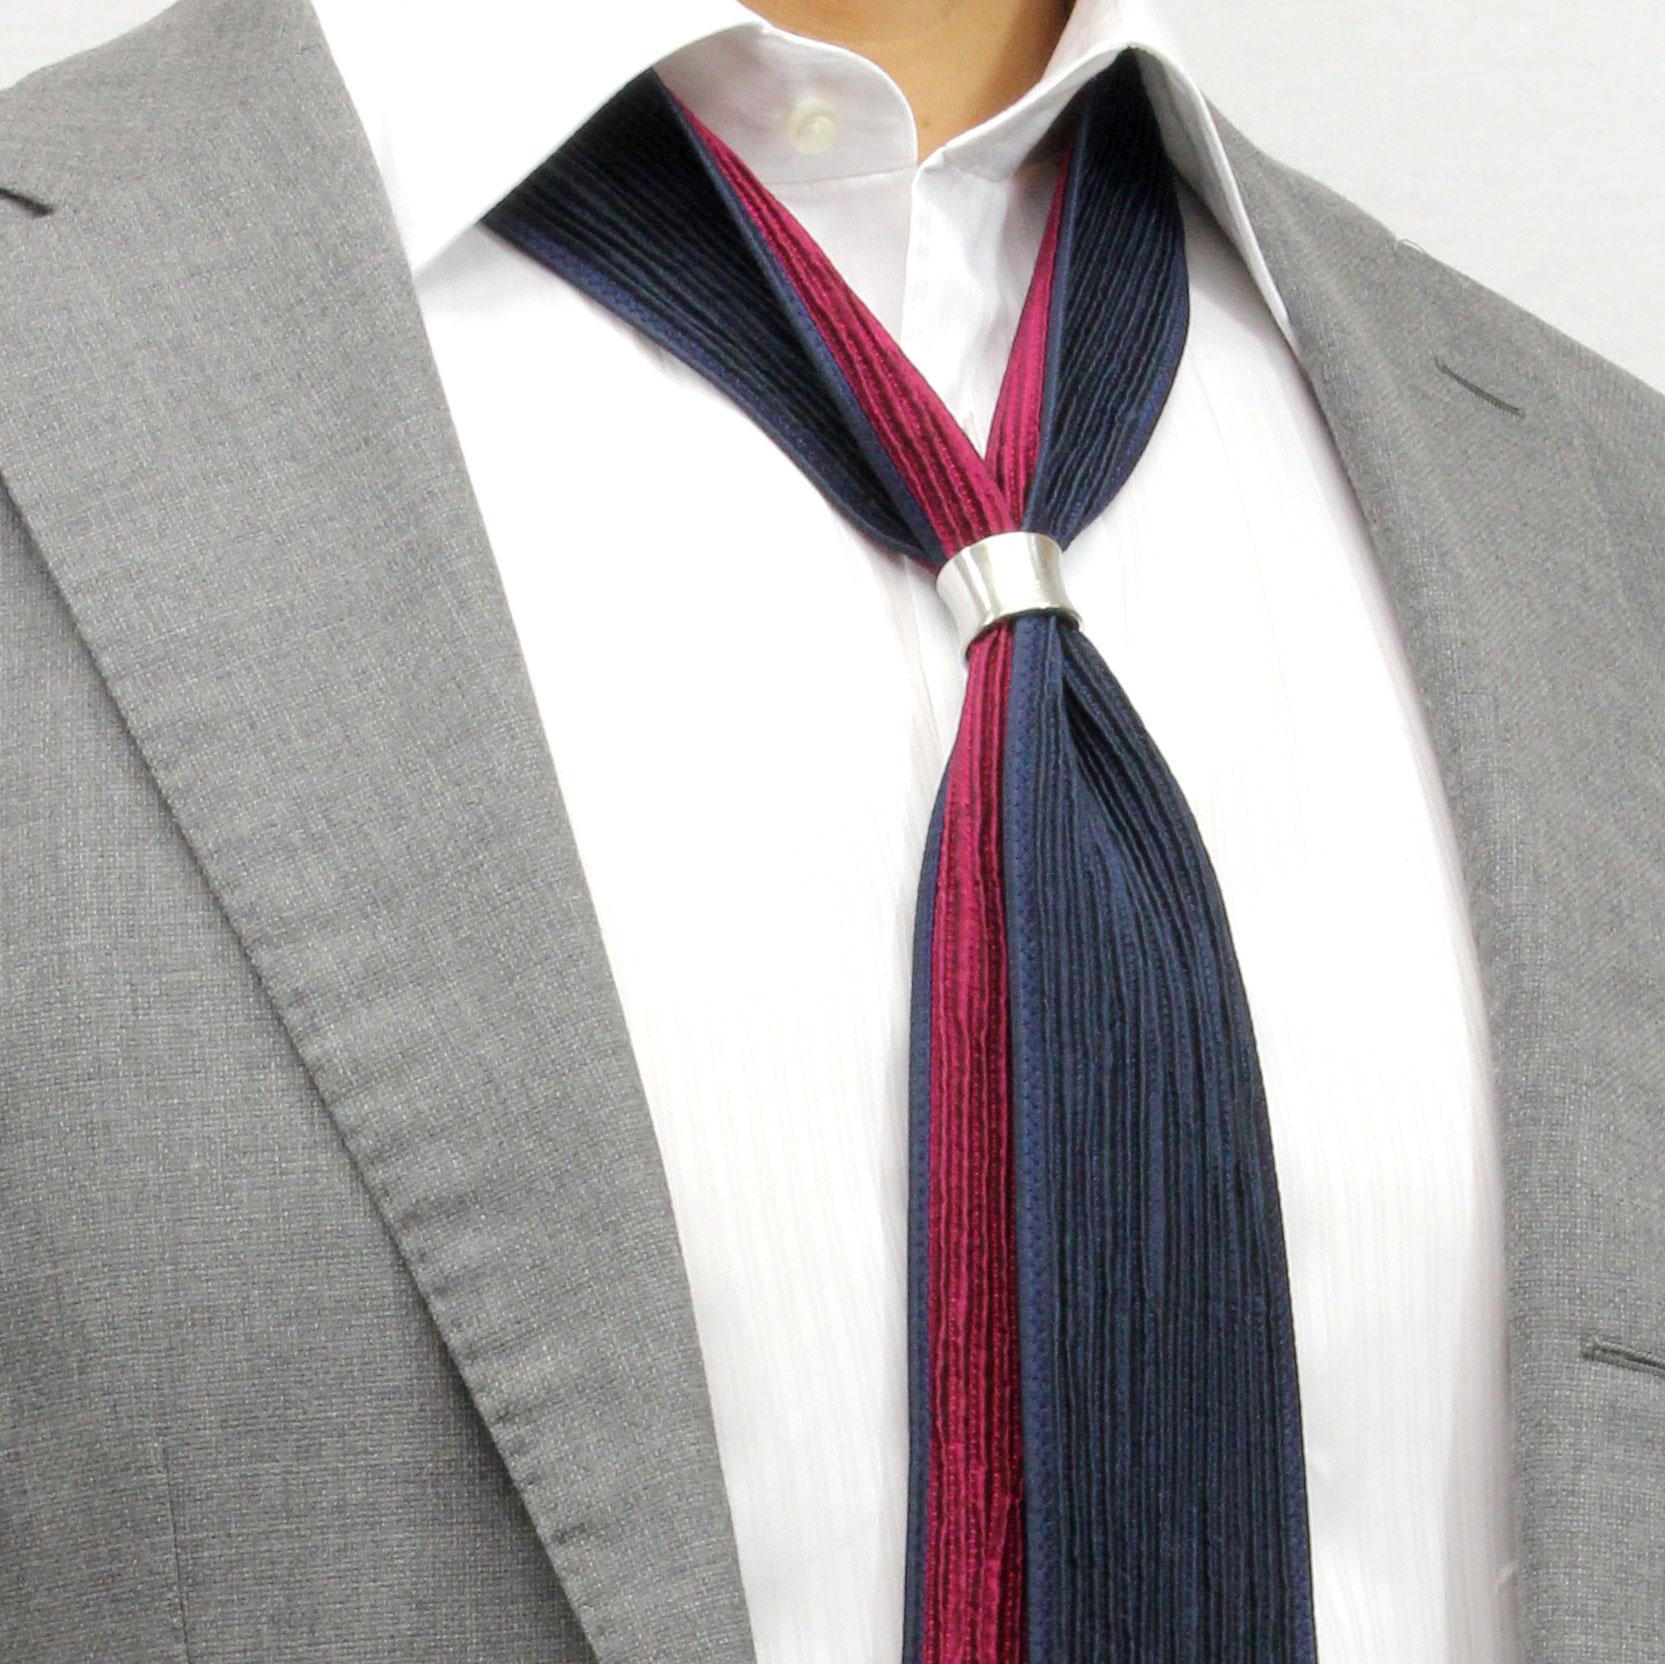 おすすめネクタイ -ZAIKI- 【通販】西陣織京都ブランド